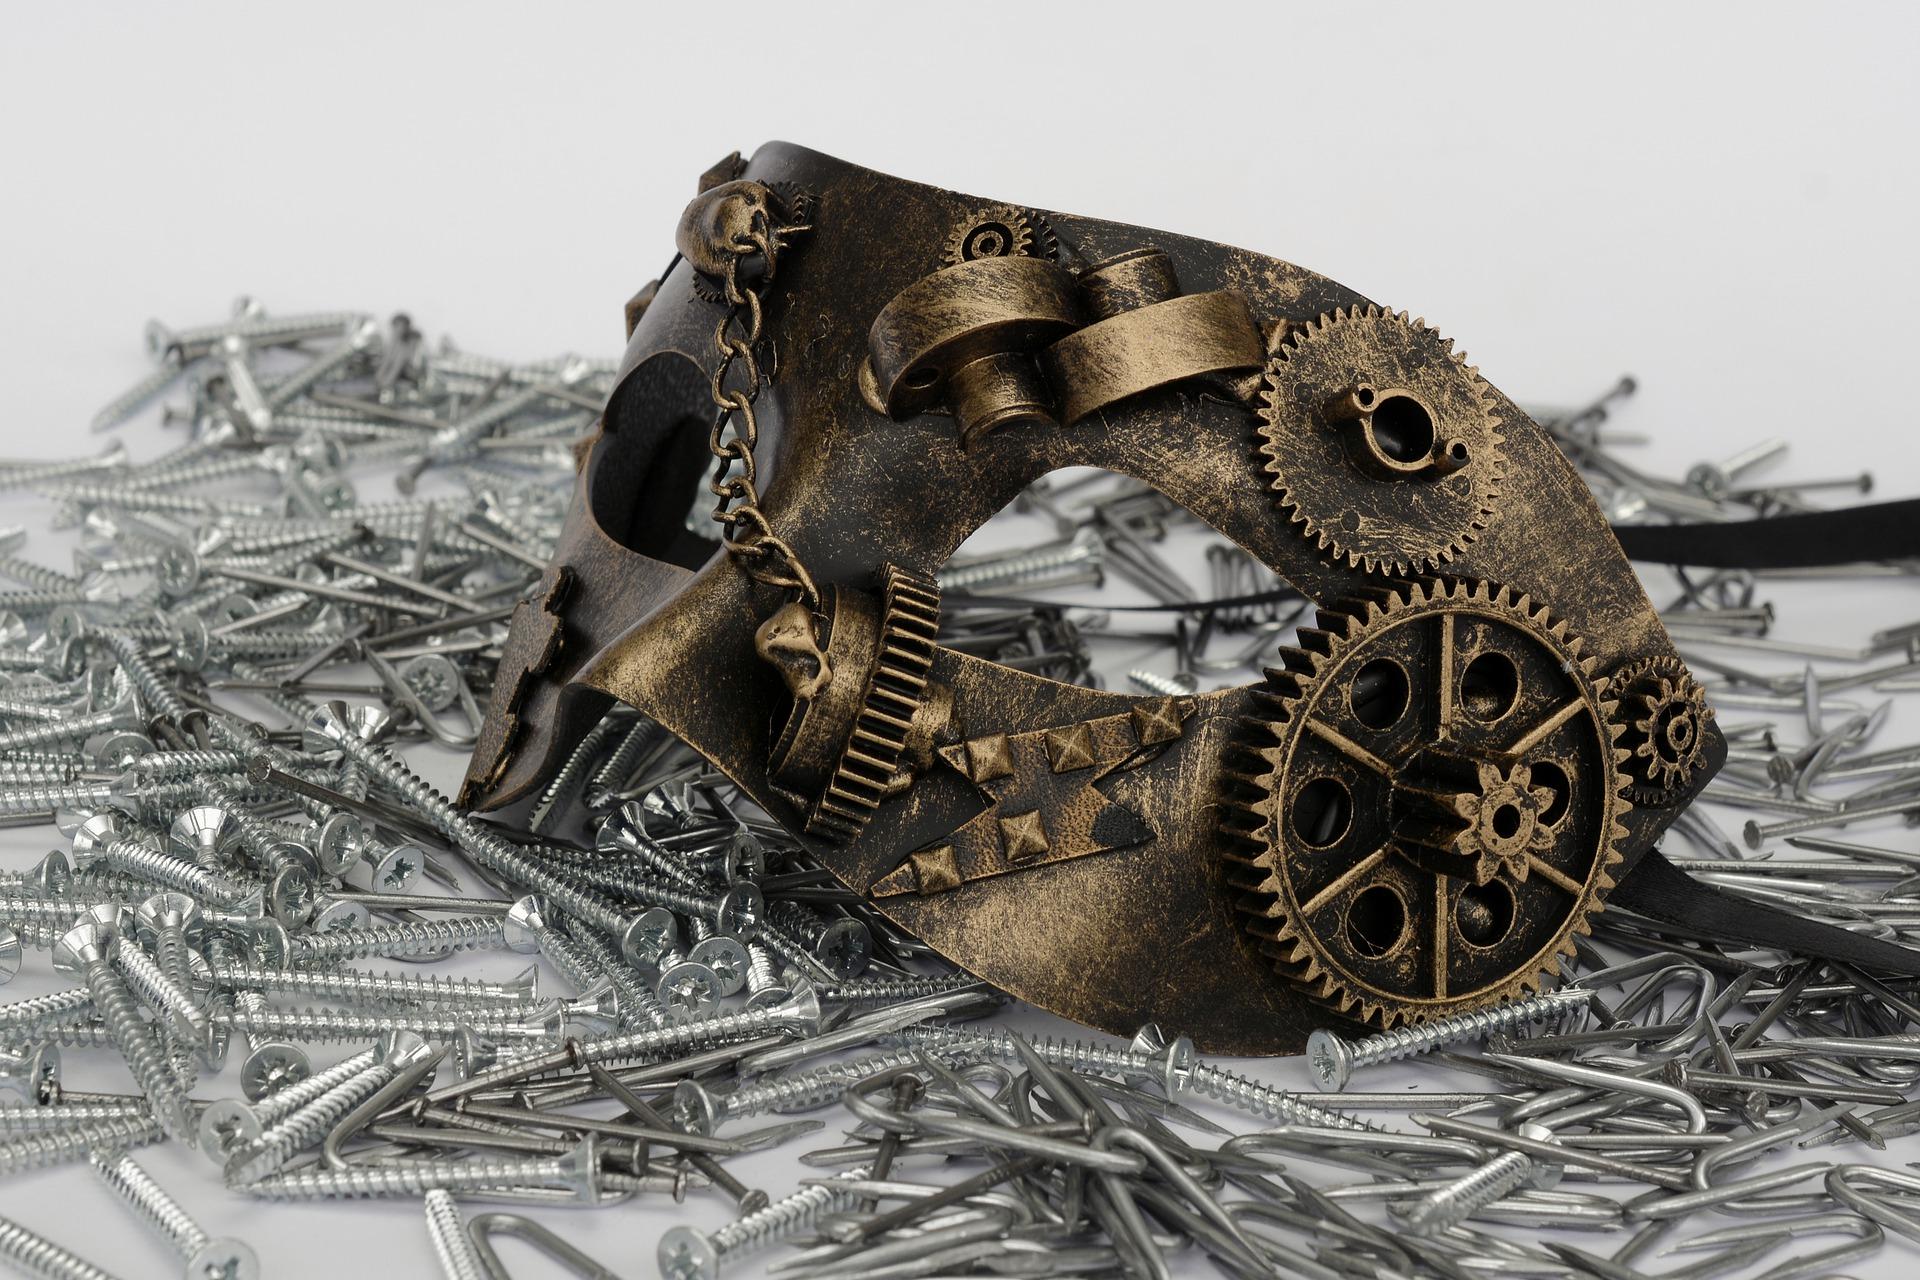 Bilden föreställer en bronsfärgad teatermask som ligger på en massa utspridda skruvar och spikar. Masken har även kugghjul och kedjor på sig.